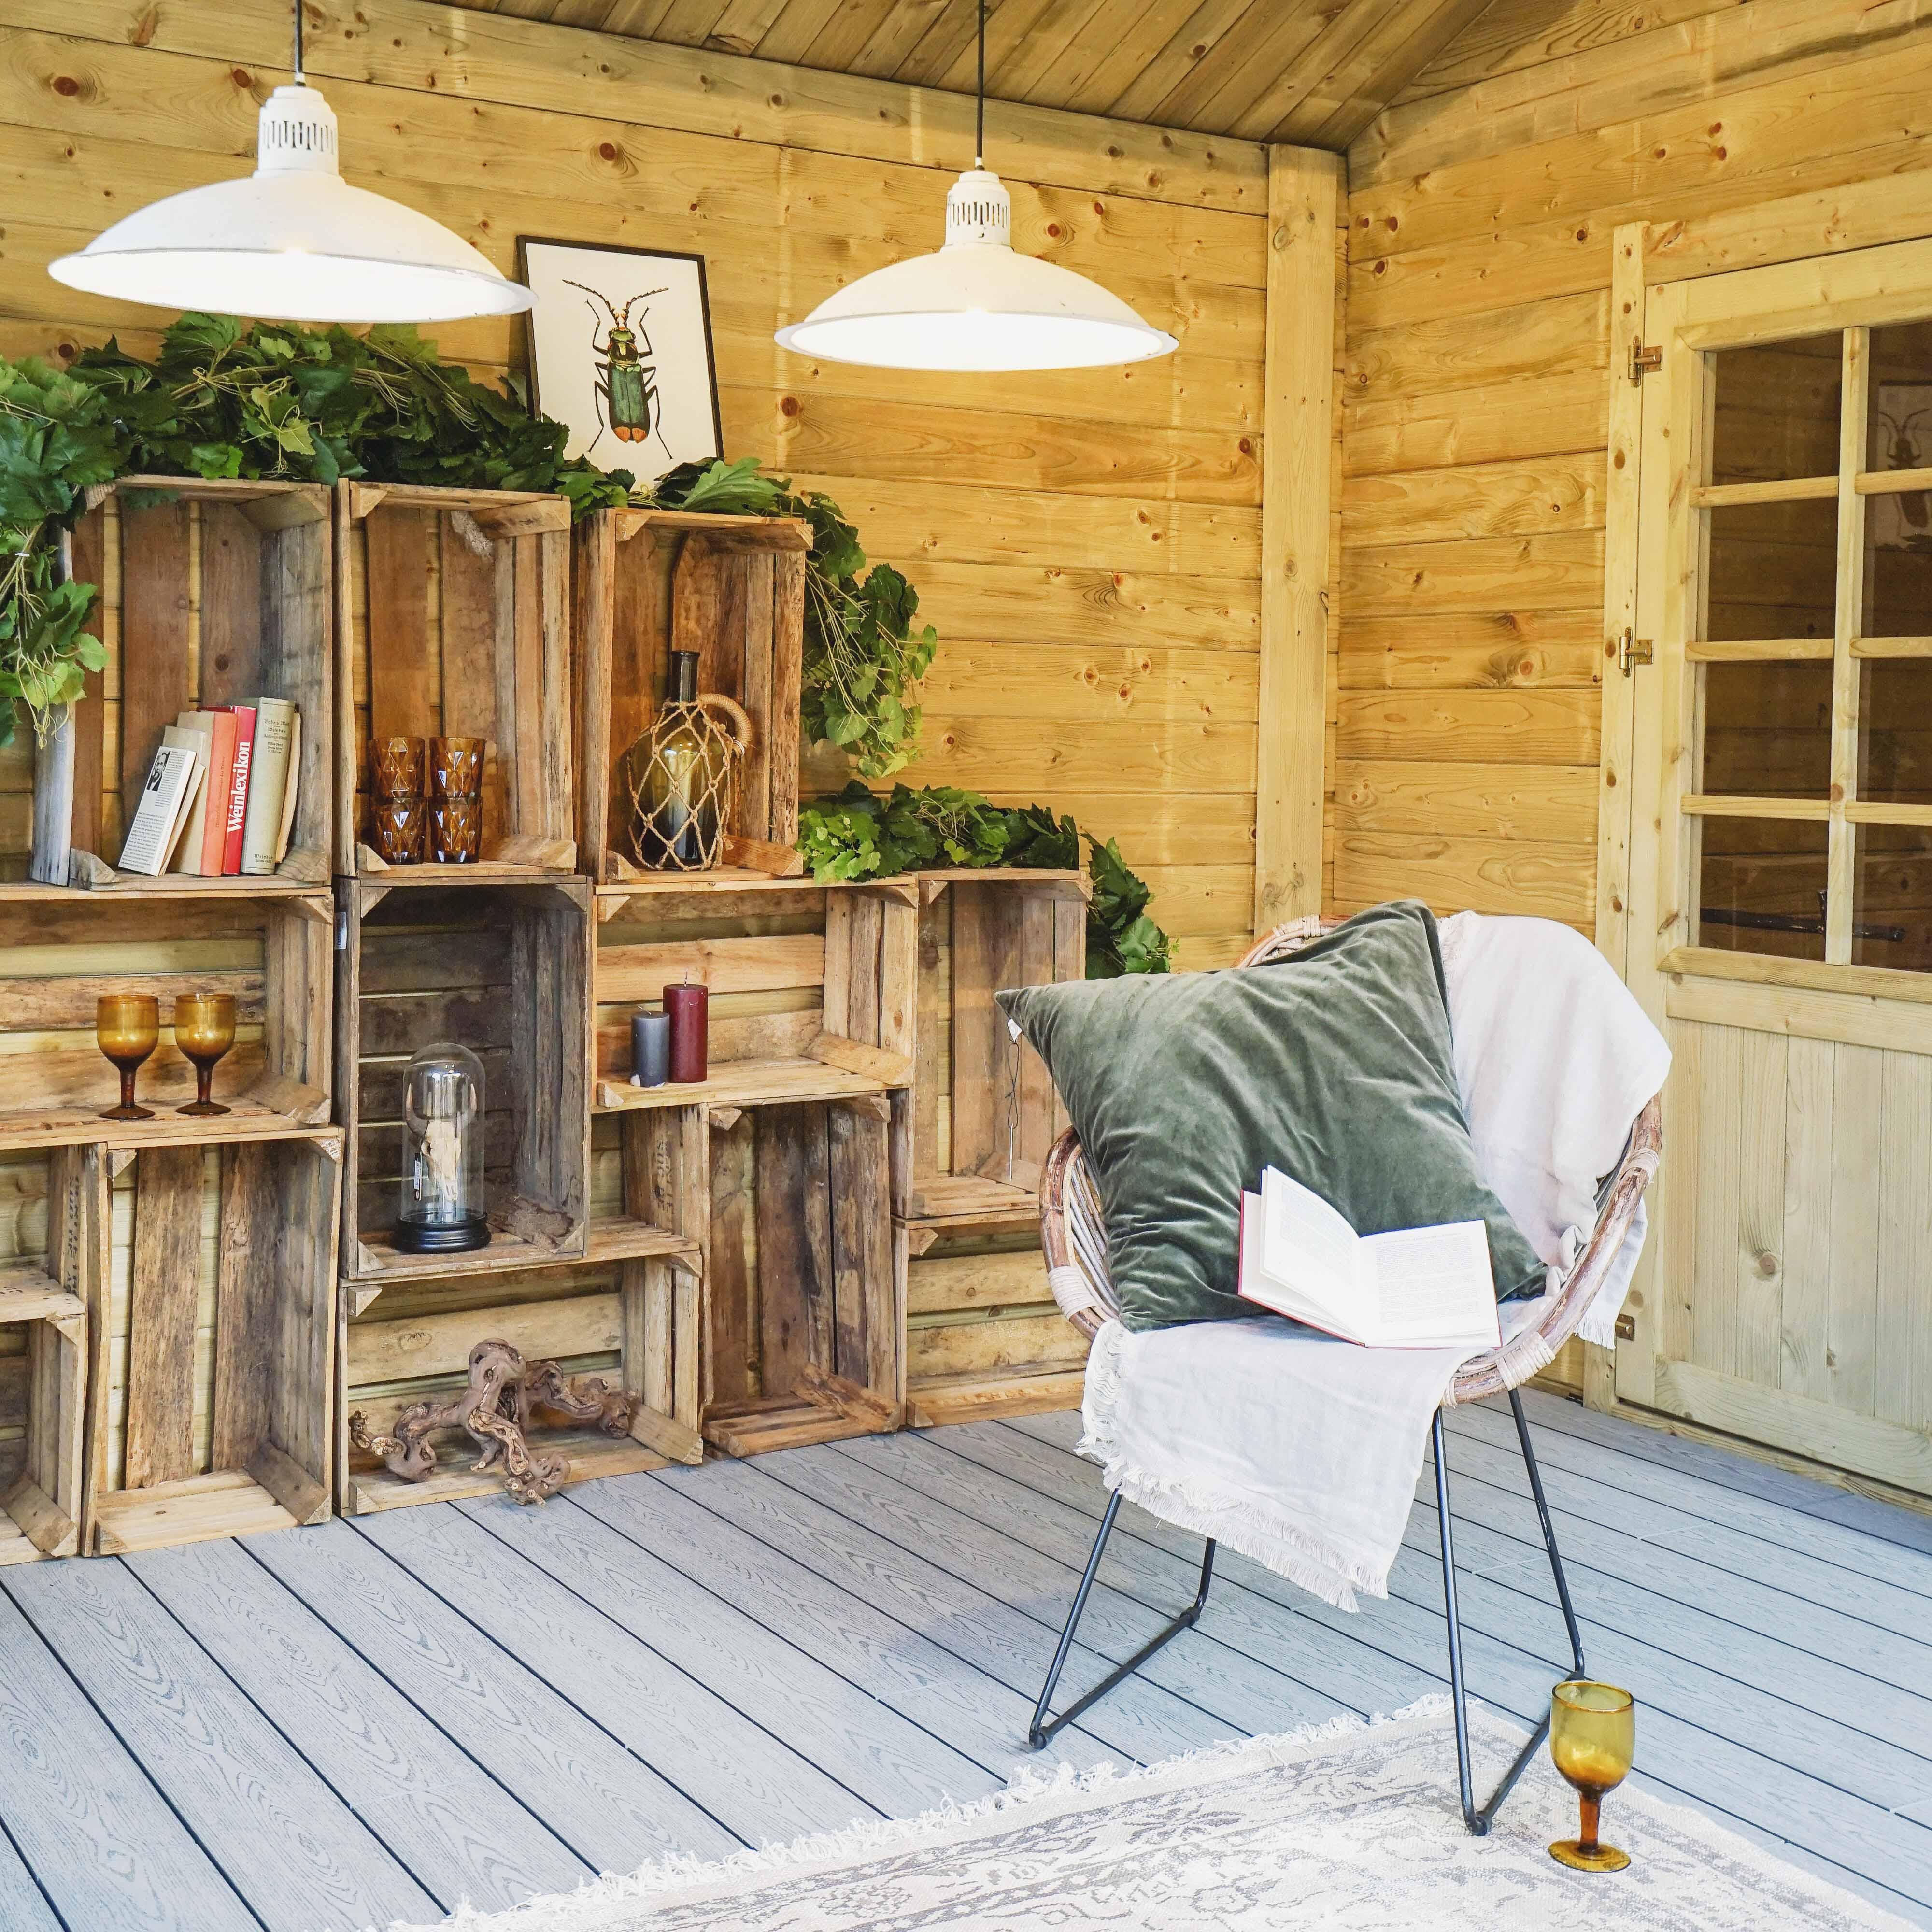 Tuinhuis of veranda inrichten. #tuinhuis #veranda #tuin #tuinidee